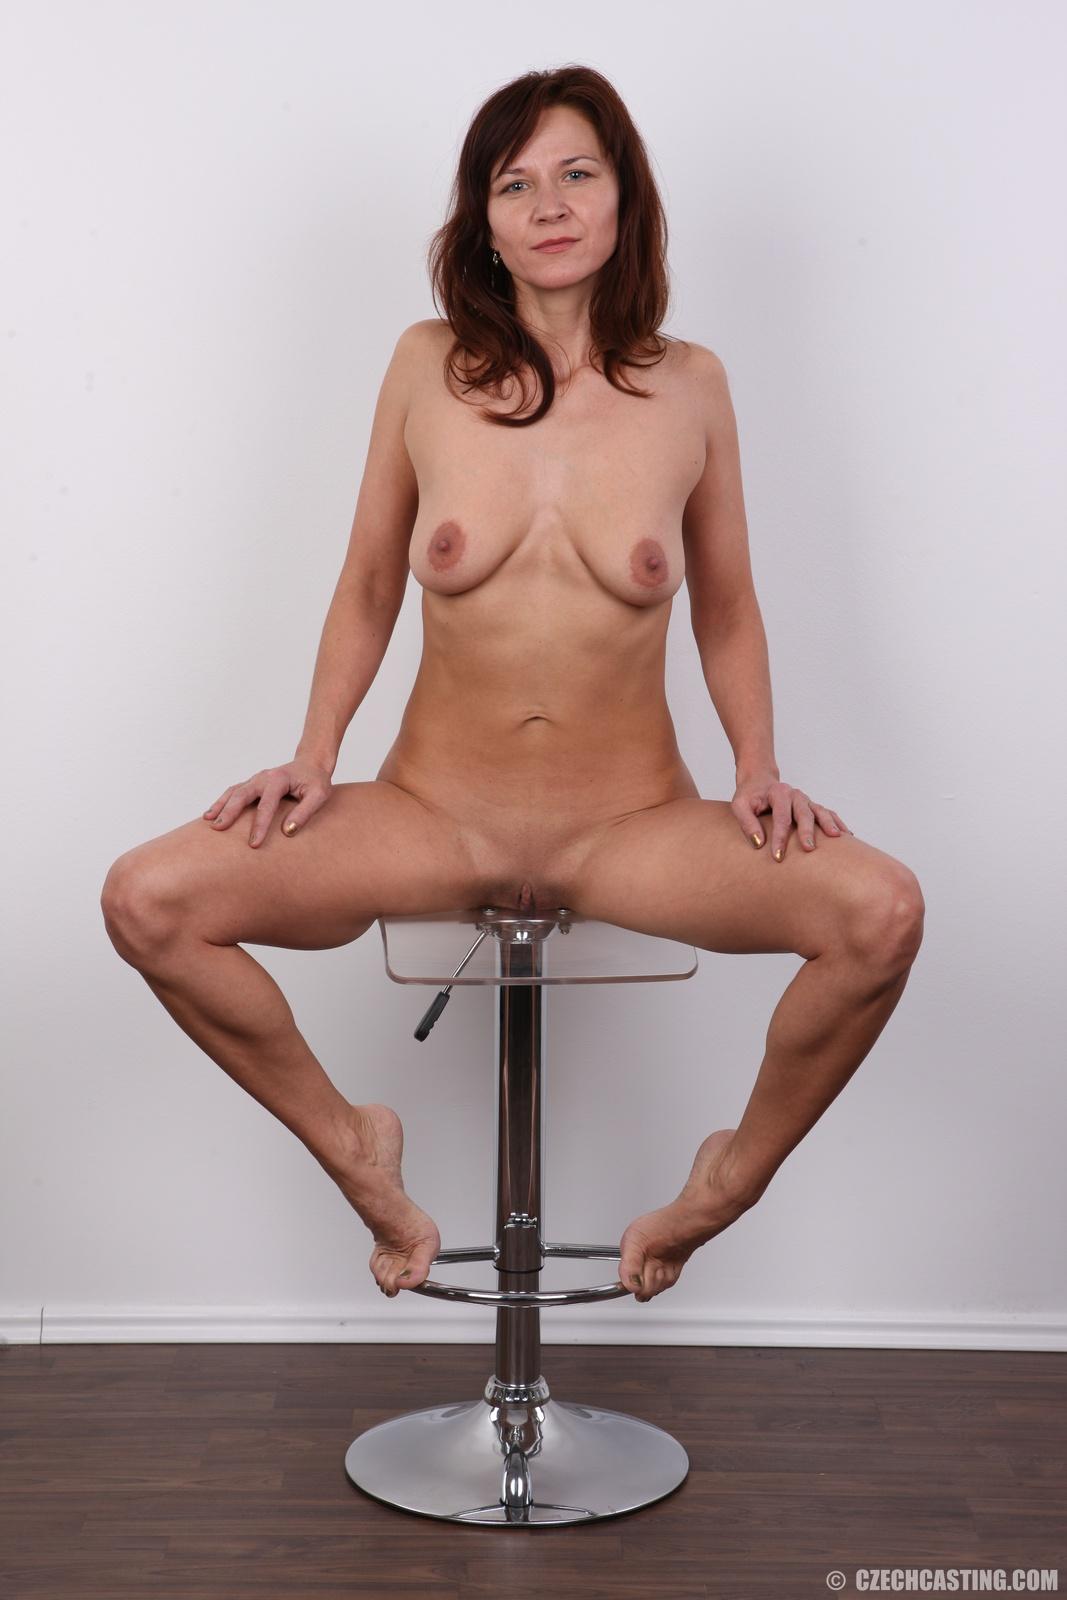 Hdimagegirlfree nude movies